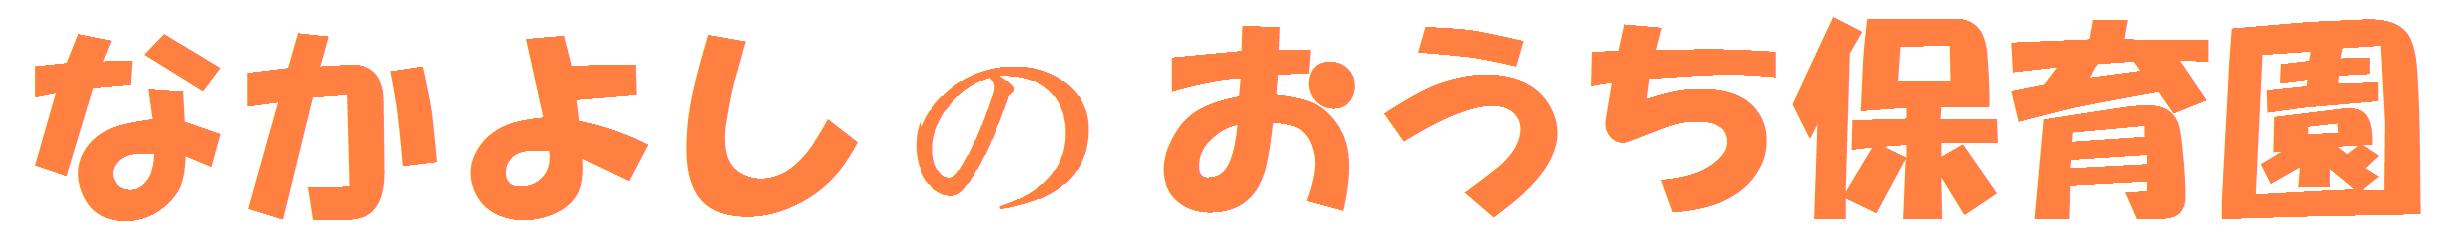 hoikuen_moji.png